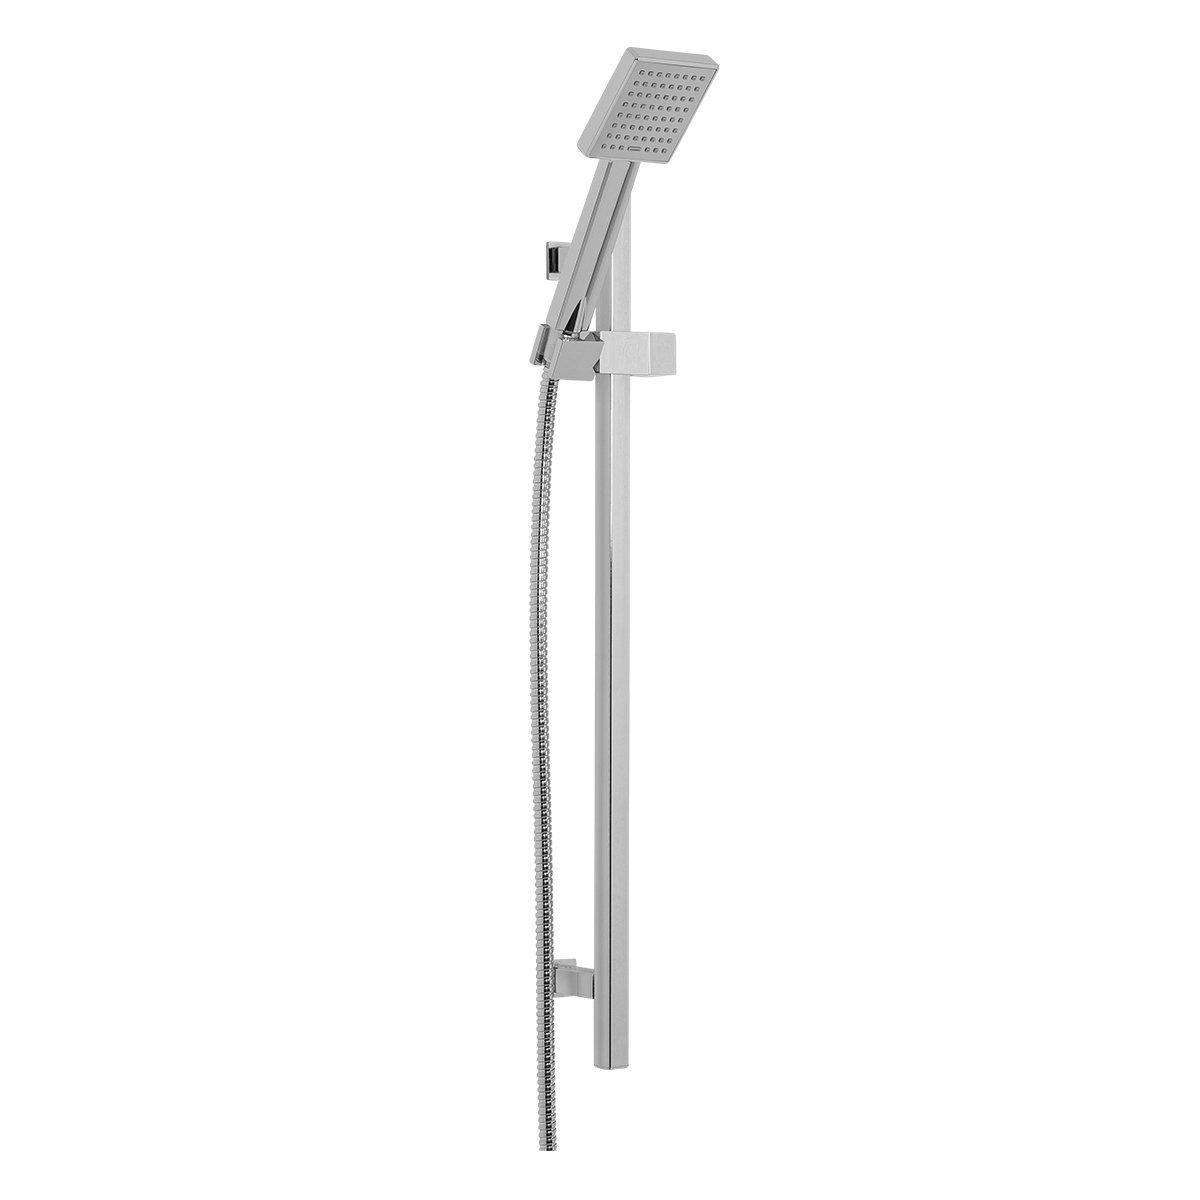 Aquariss 20mm Square Shower Rail & 1 Setting Square Shower Head